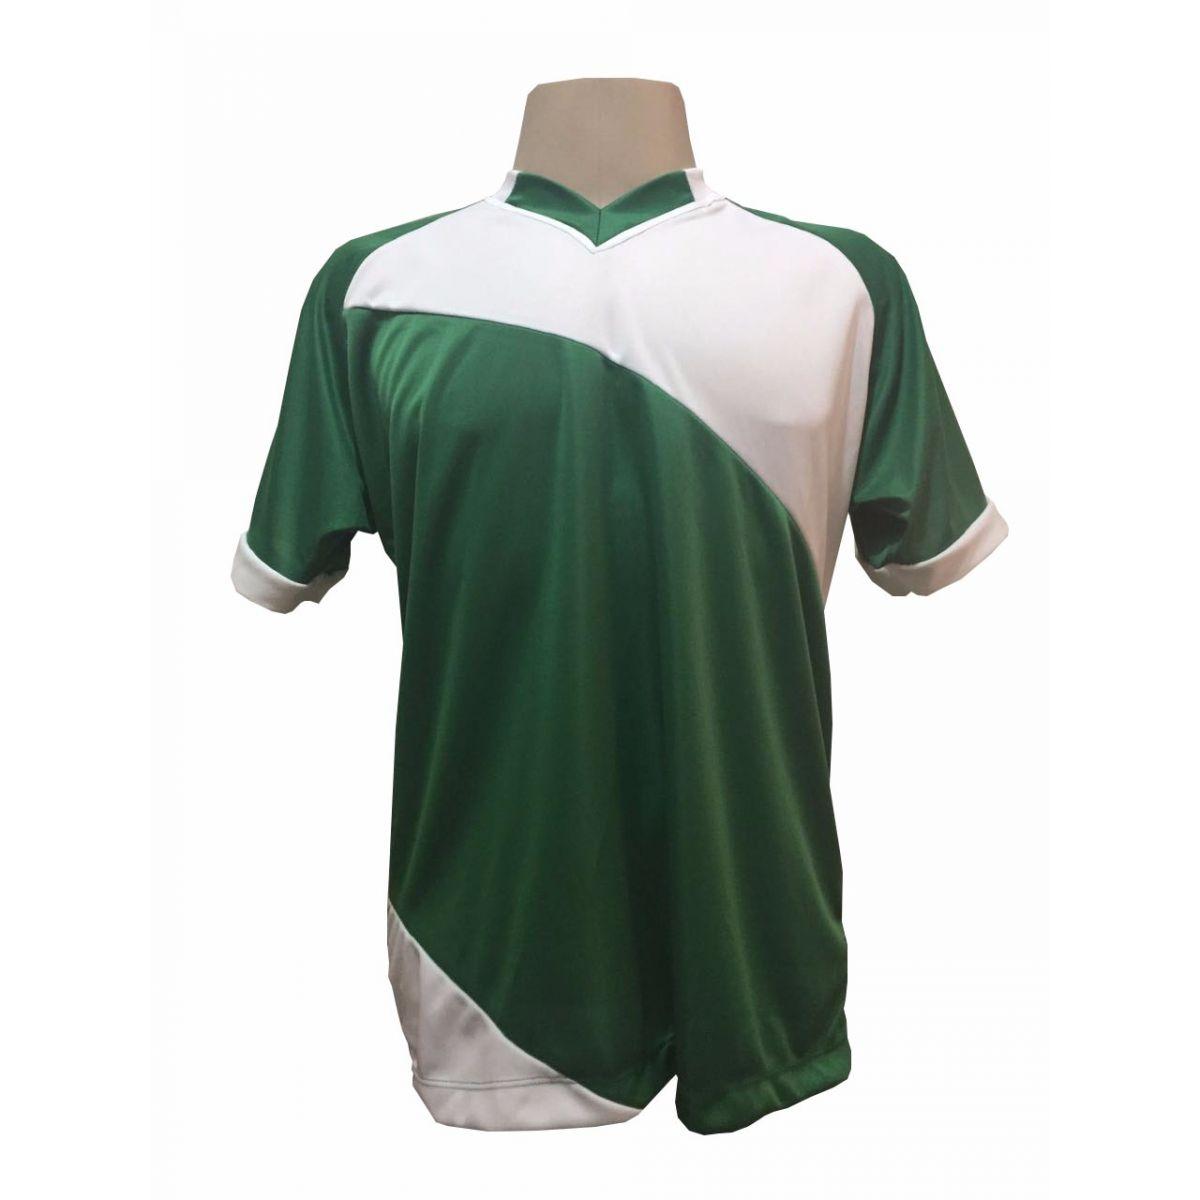 Fardamento Completo modelo Bélgica 20+2 (20 camisas Verde/Branco + 20 calções modelo Madrid Verde + 20 pares de meiões Verde + 2 conjuntos de goleiro) + Brindes